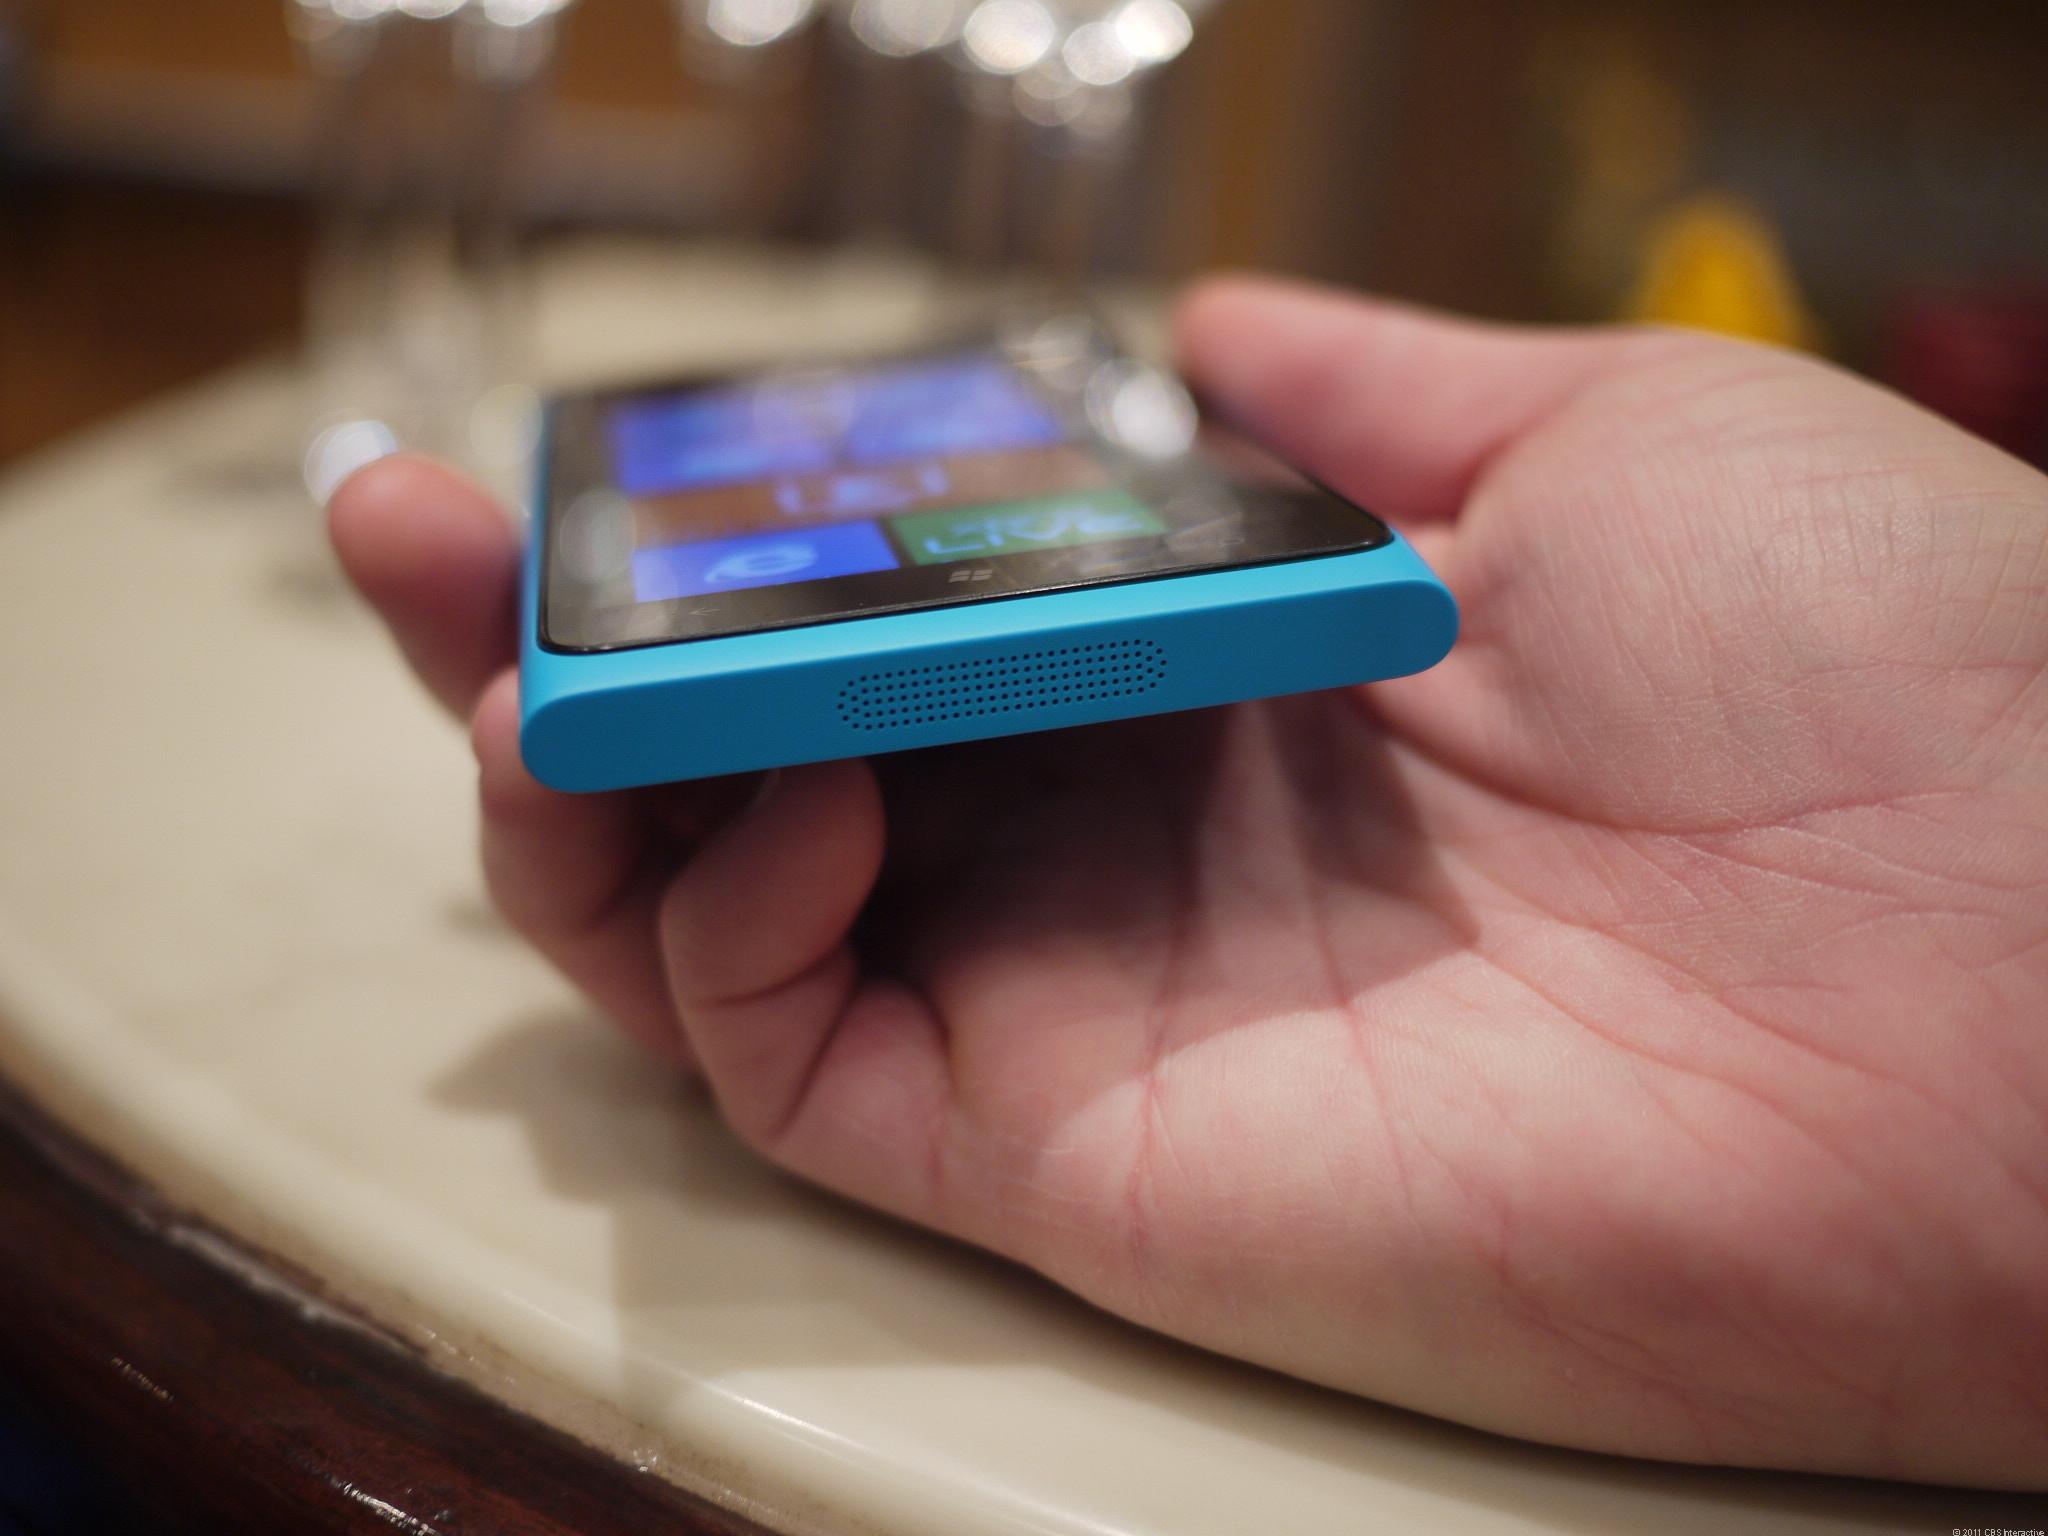 nokia-lumia-900-best-of-ces-2012-4